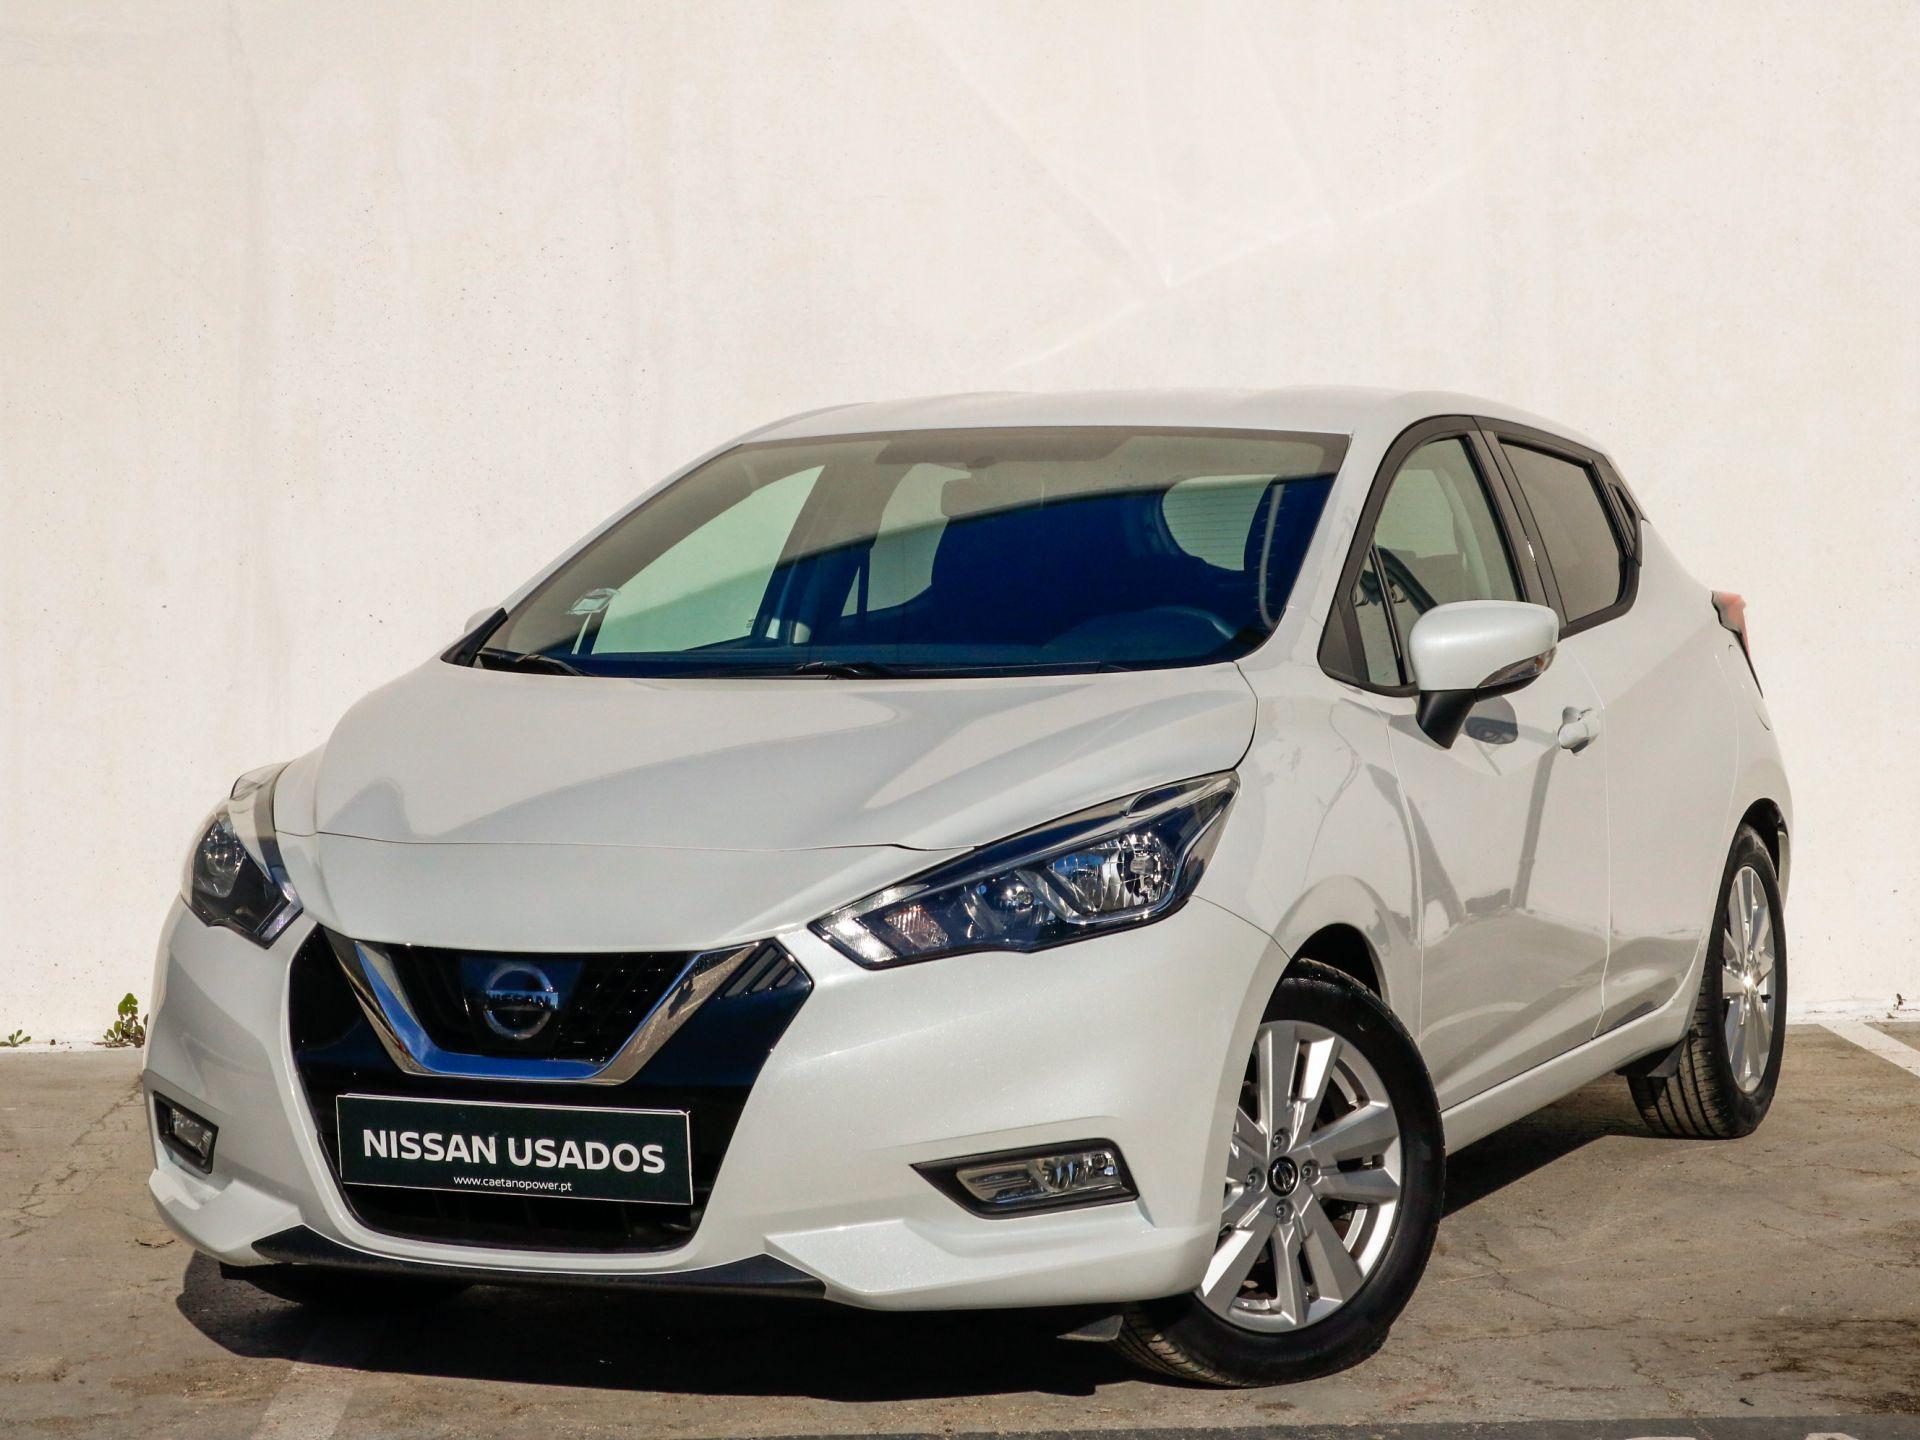 Nissan Micra 1.052 kW (70 CV) E6Acenta segunda mão Setúbal